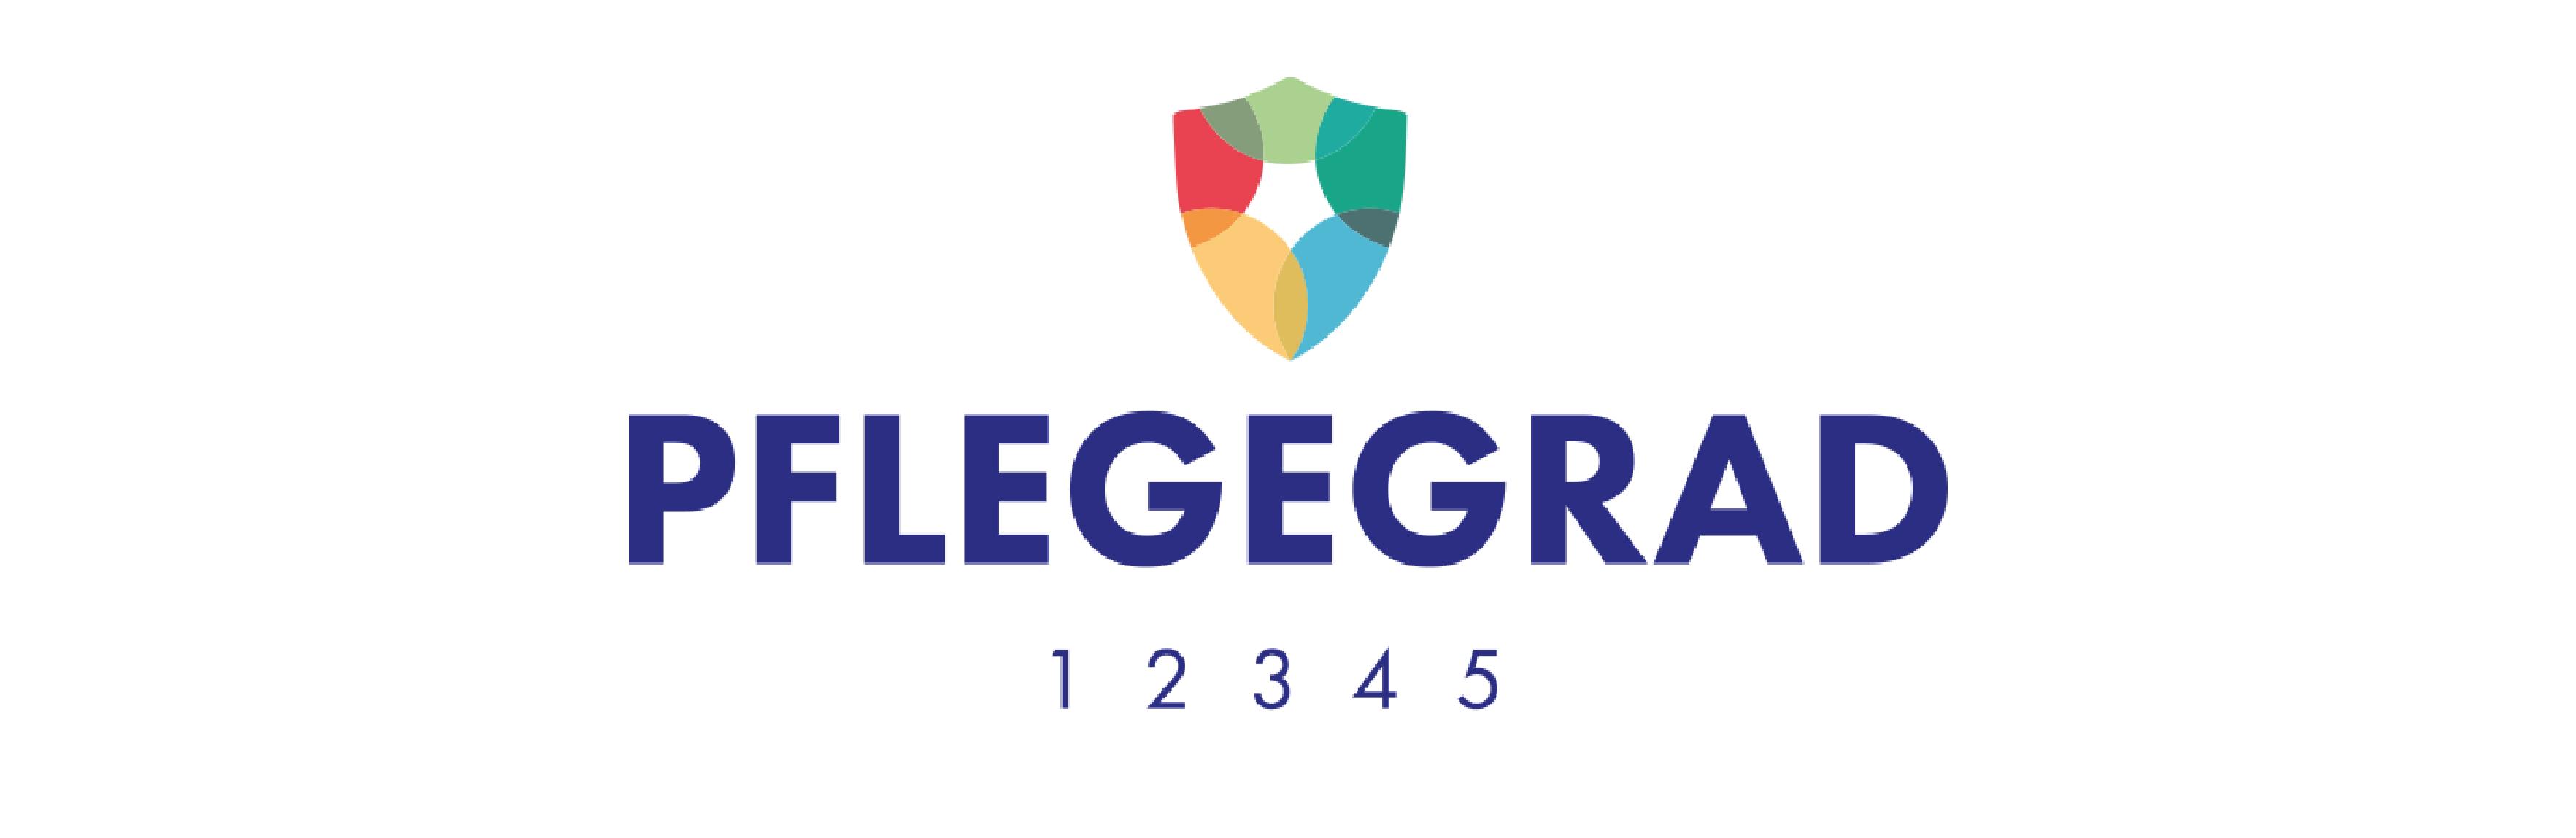 Pflegegrad12345 Logo